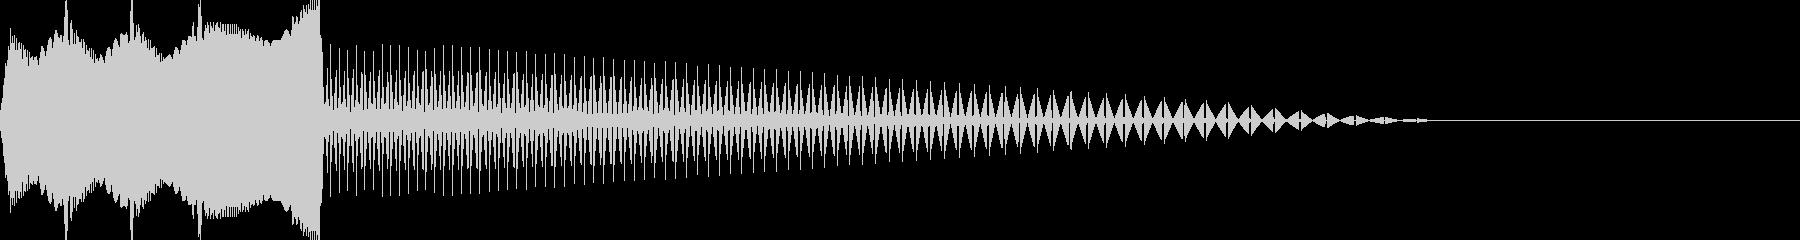 ピギャー(エラー/警告/出現/ノイズGBの未再生の波形